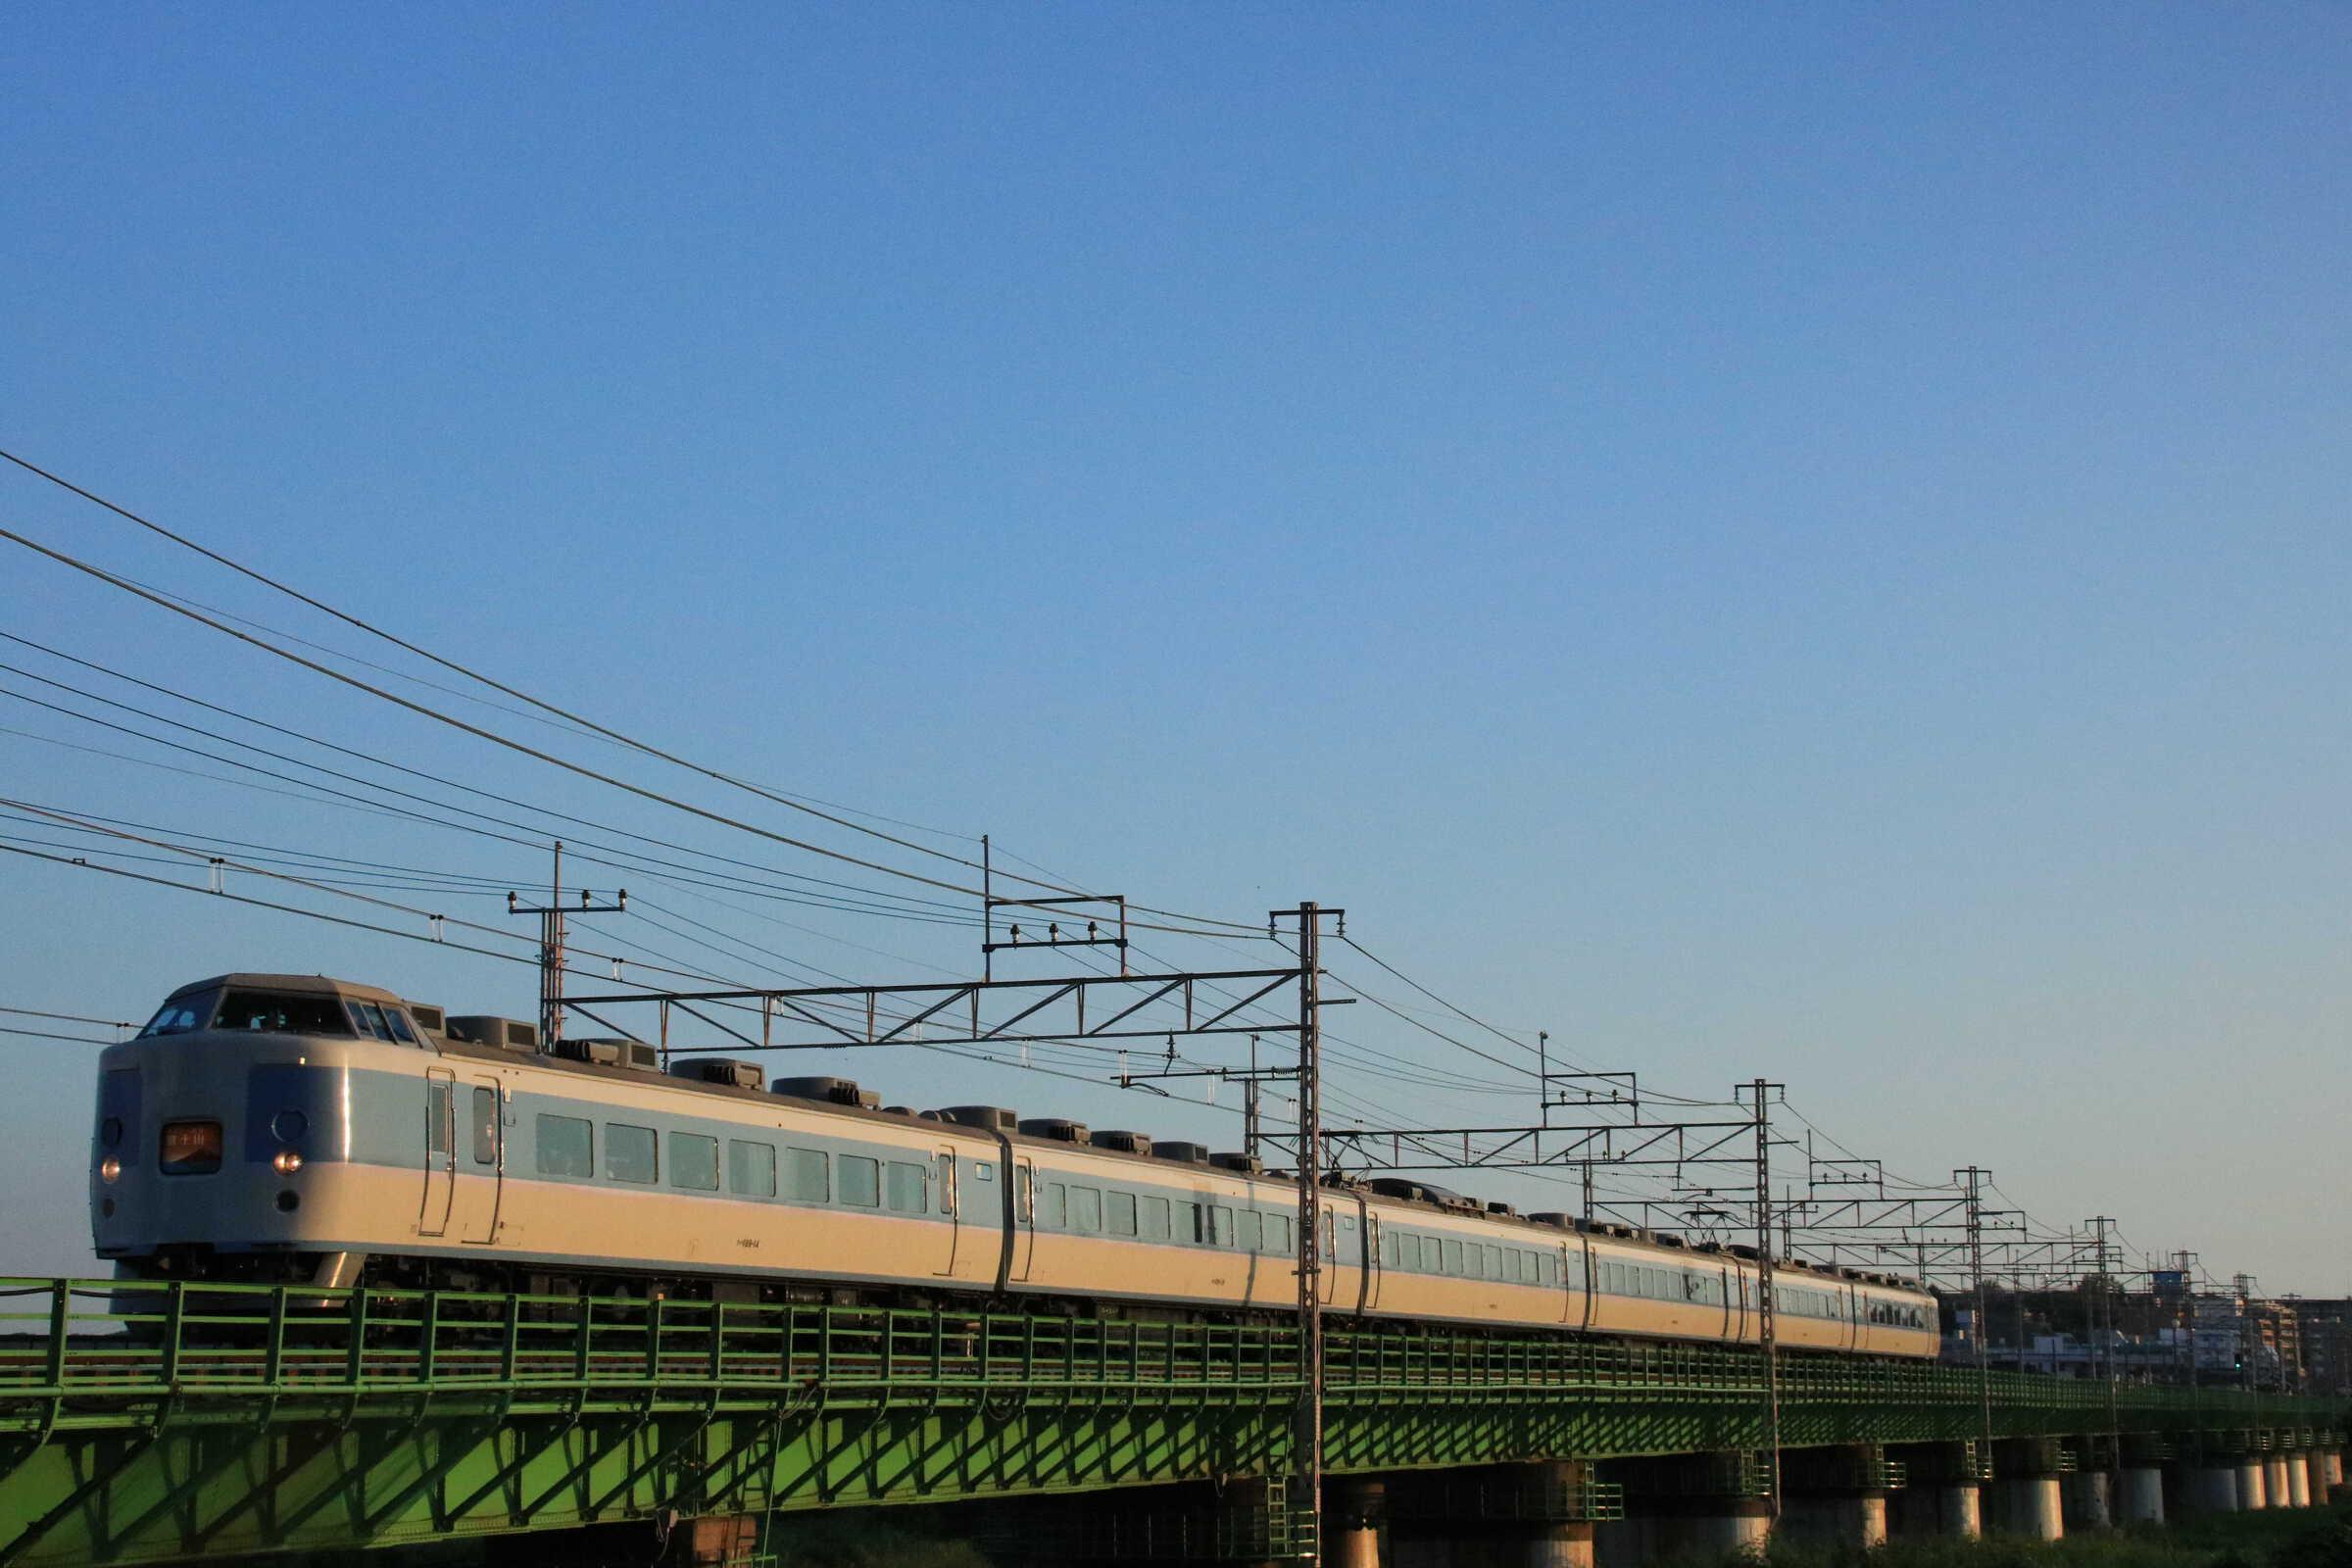 9570M ホリデー快速富士山2号 189系八トタM50編成